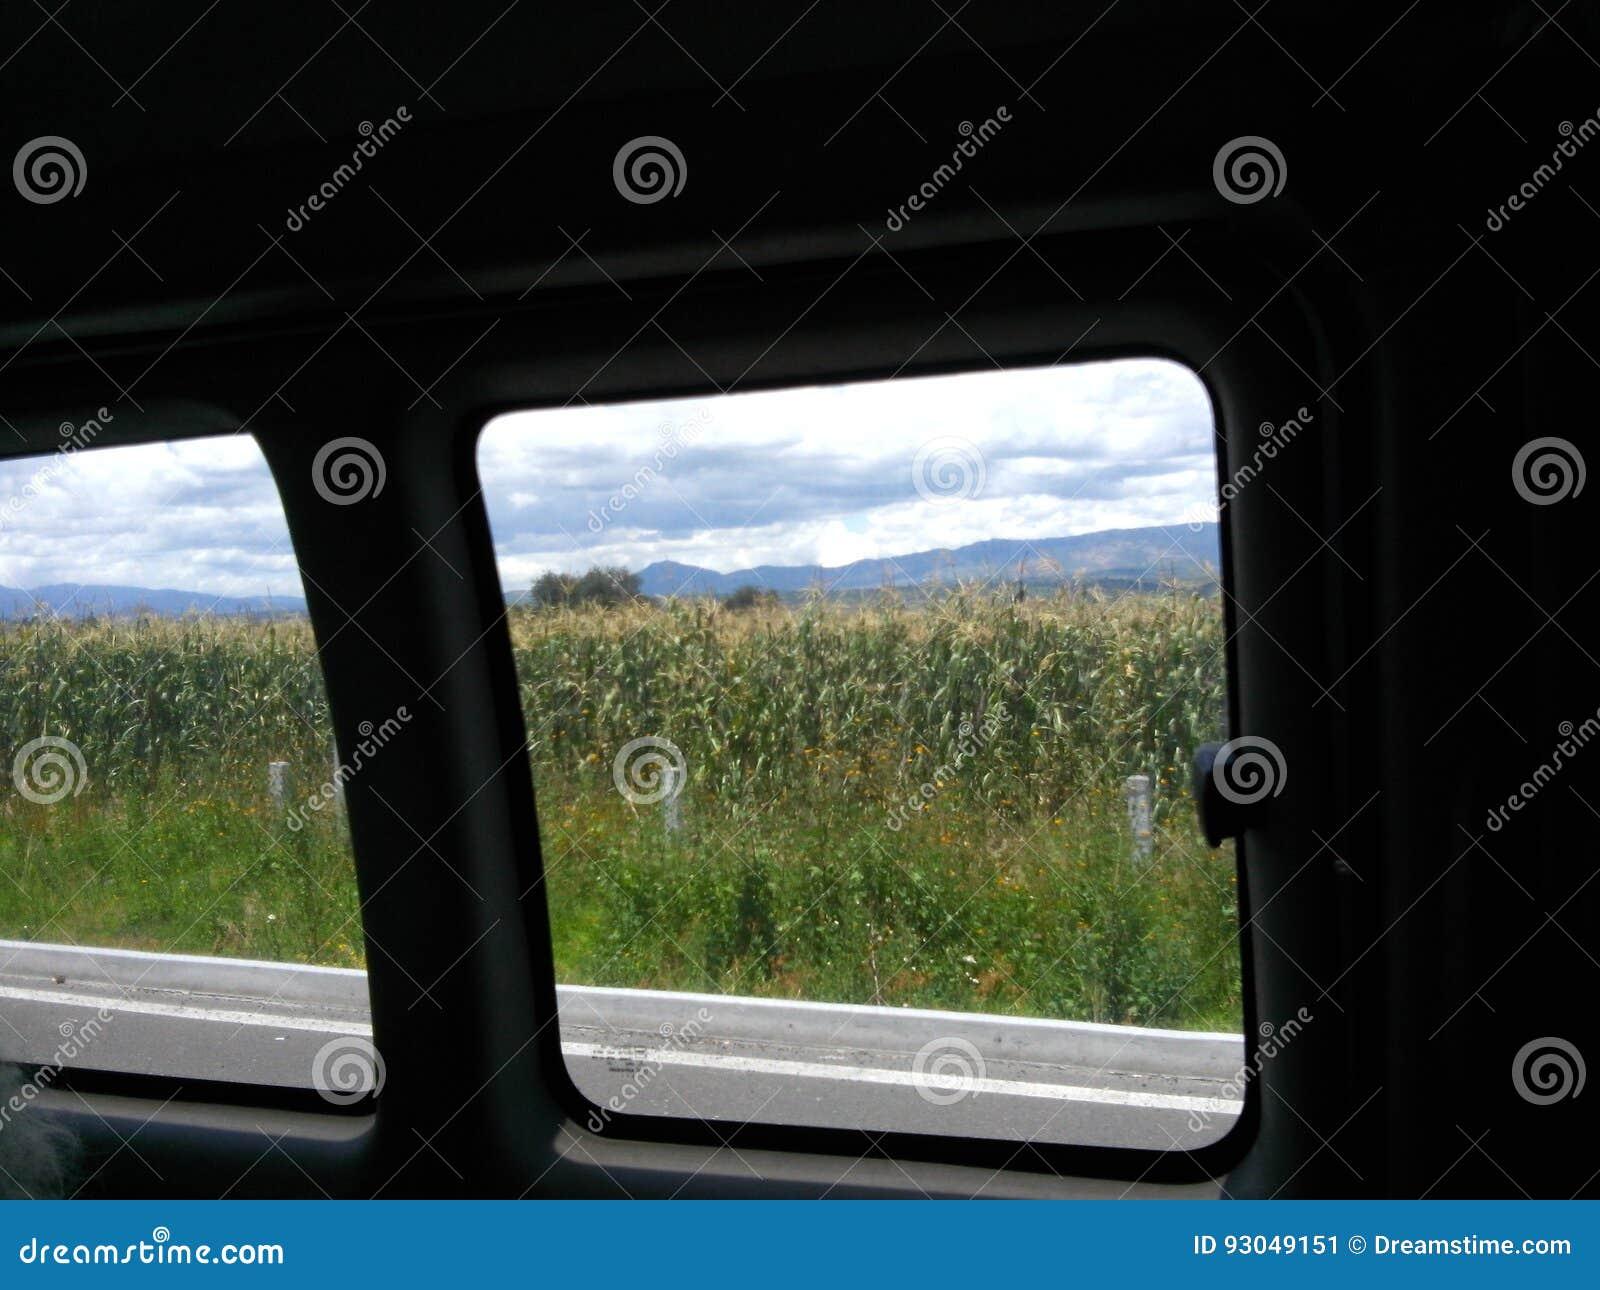 Mais von einem größeren Anblick des Autos